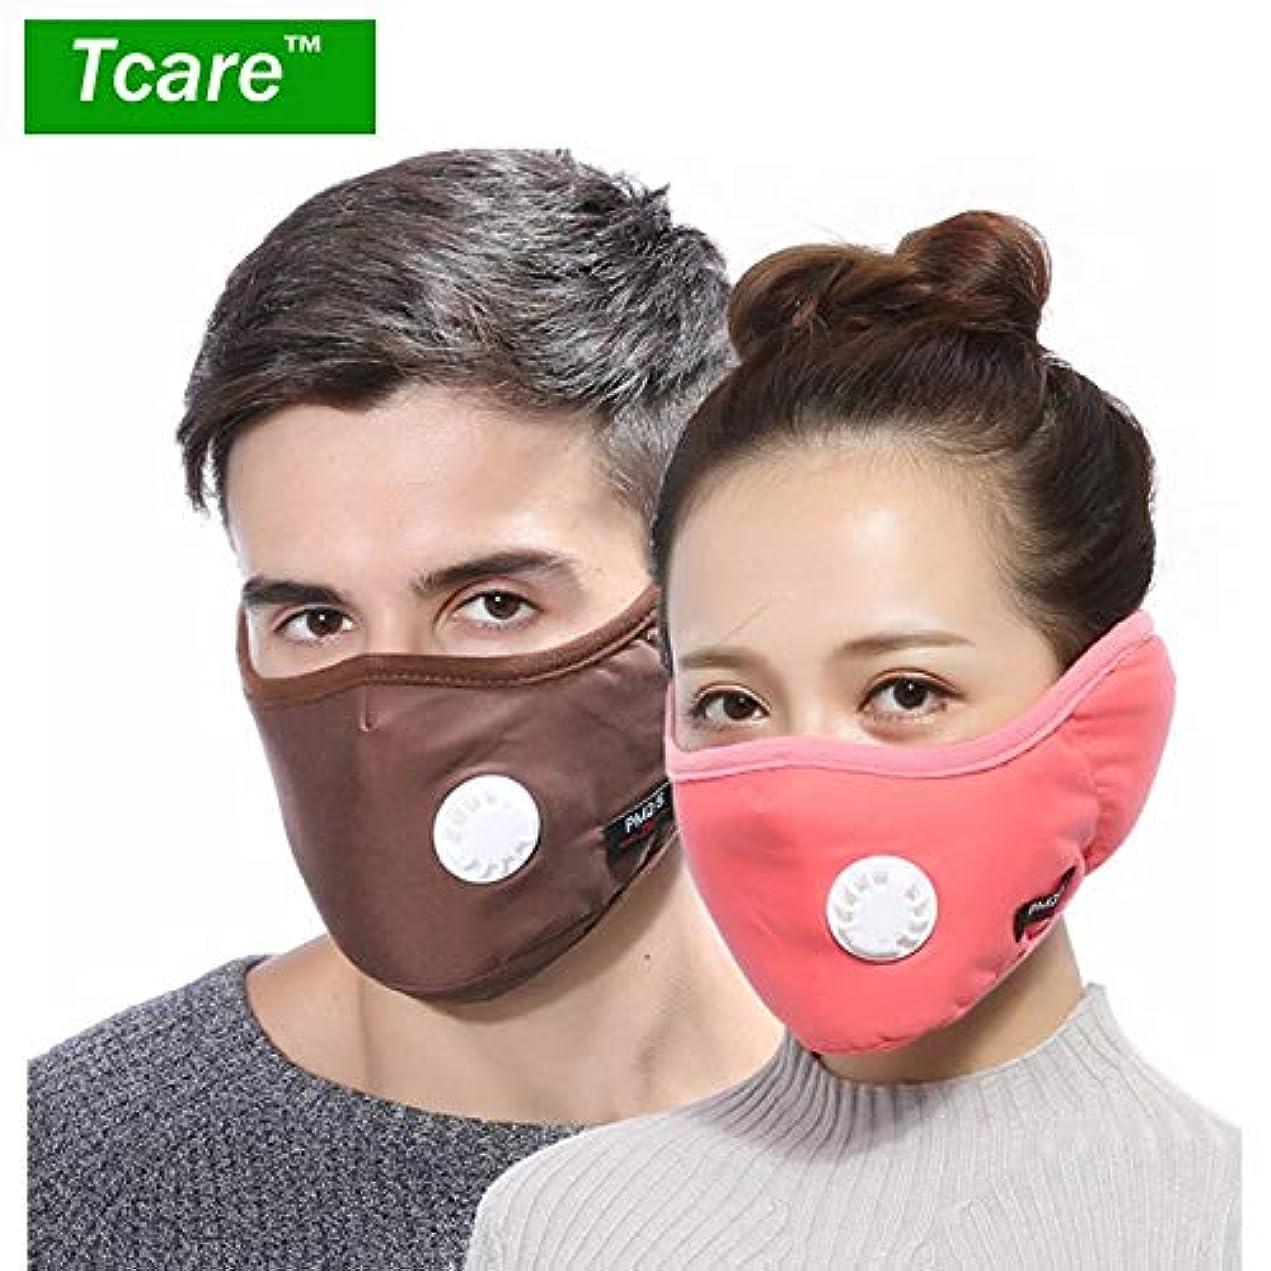 水没状態加速度7グレー:1 PM2.5マスクバルブコットンアンチダスト口マスクの冬のイヤーマフActtedフィルター付マスクでTcare 2